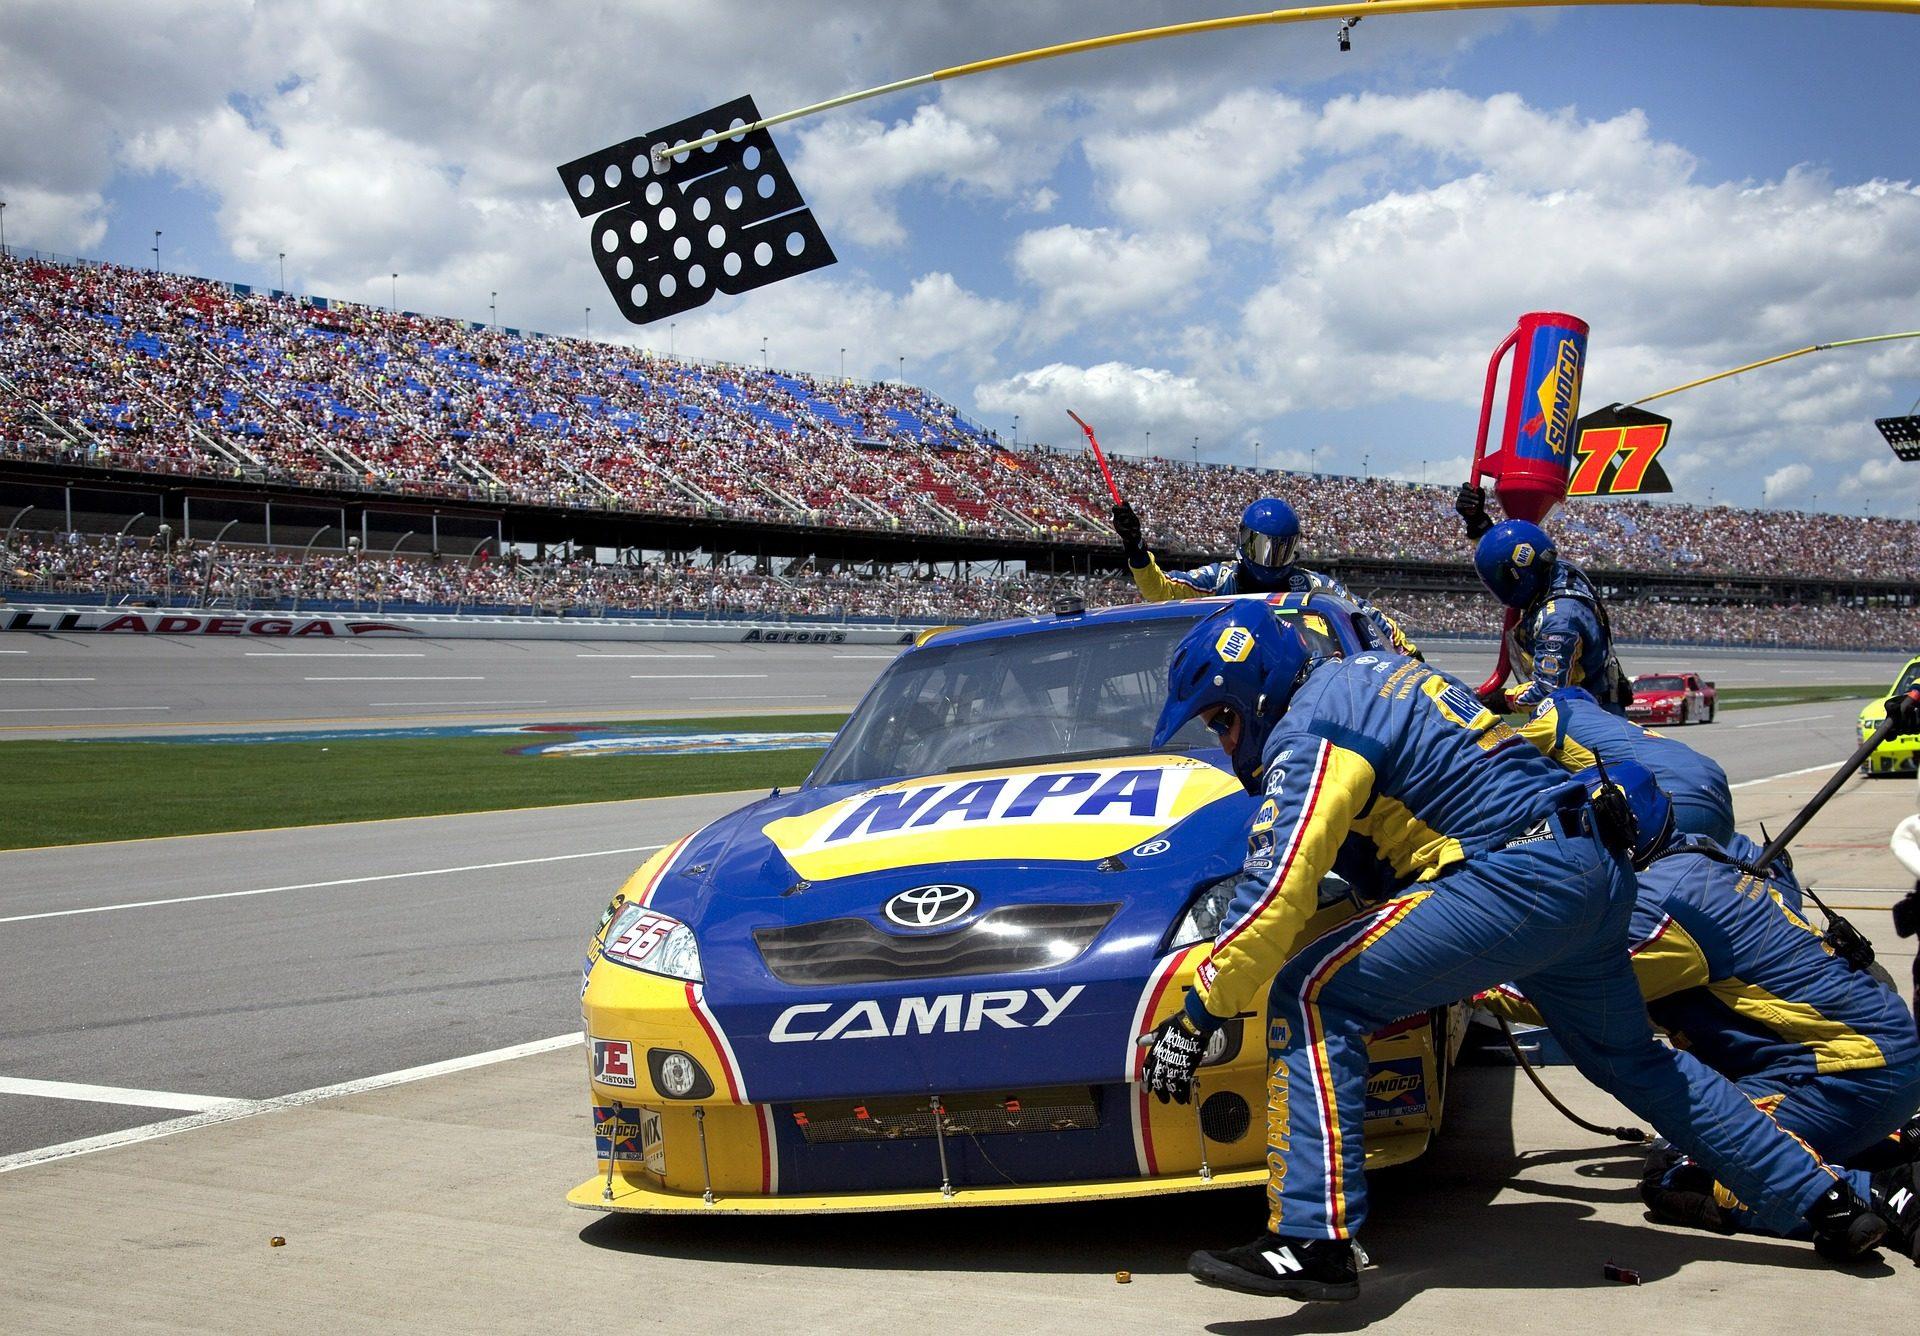 NASCAR, carreira, Carros, reabastecimento de combustível, equipe - Papéis de parede HD - Professor-falken.com